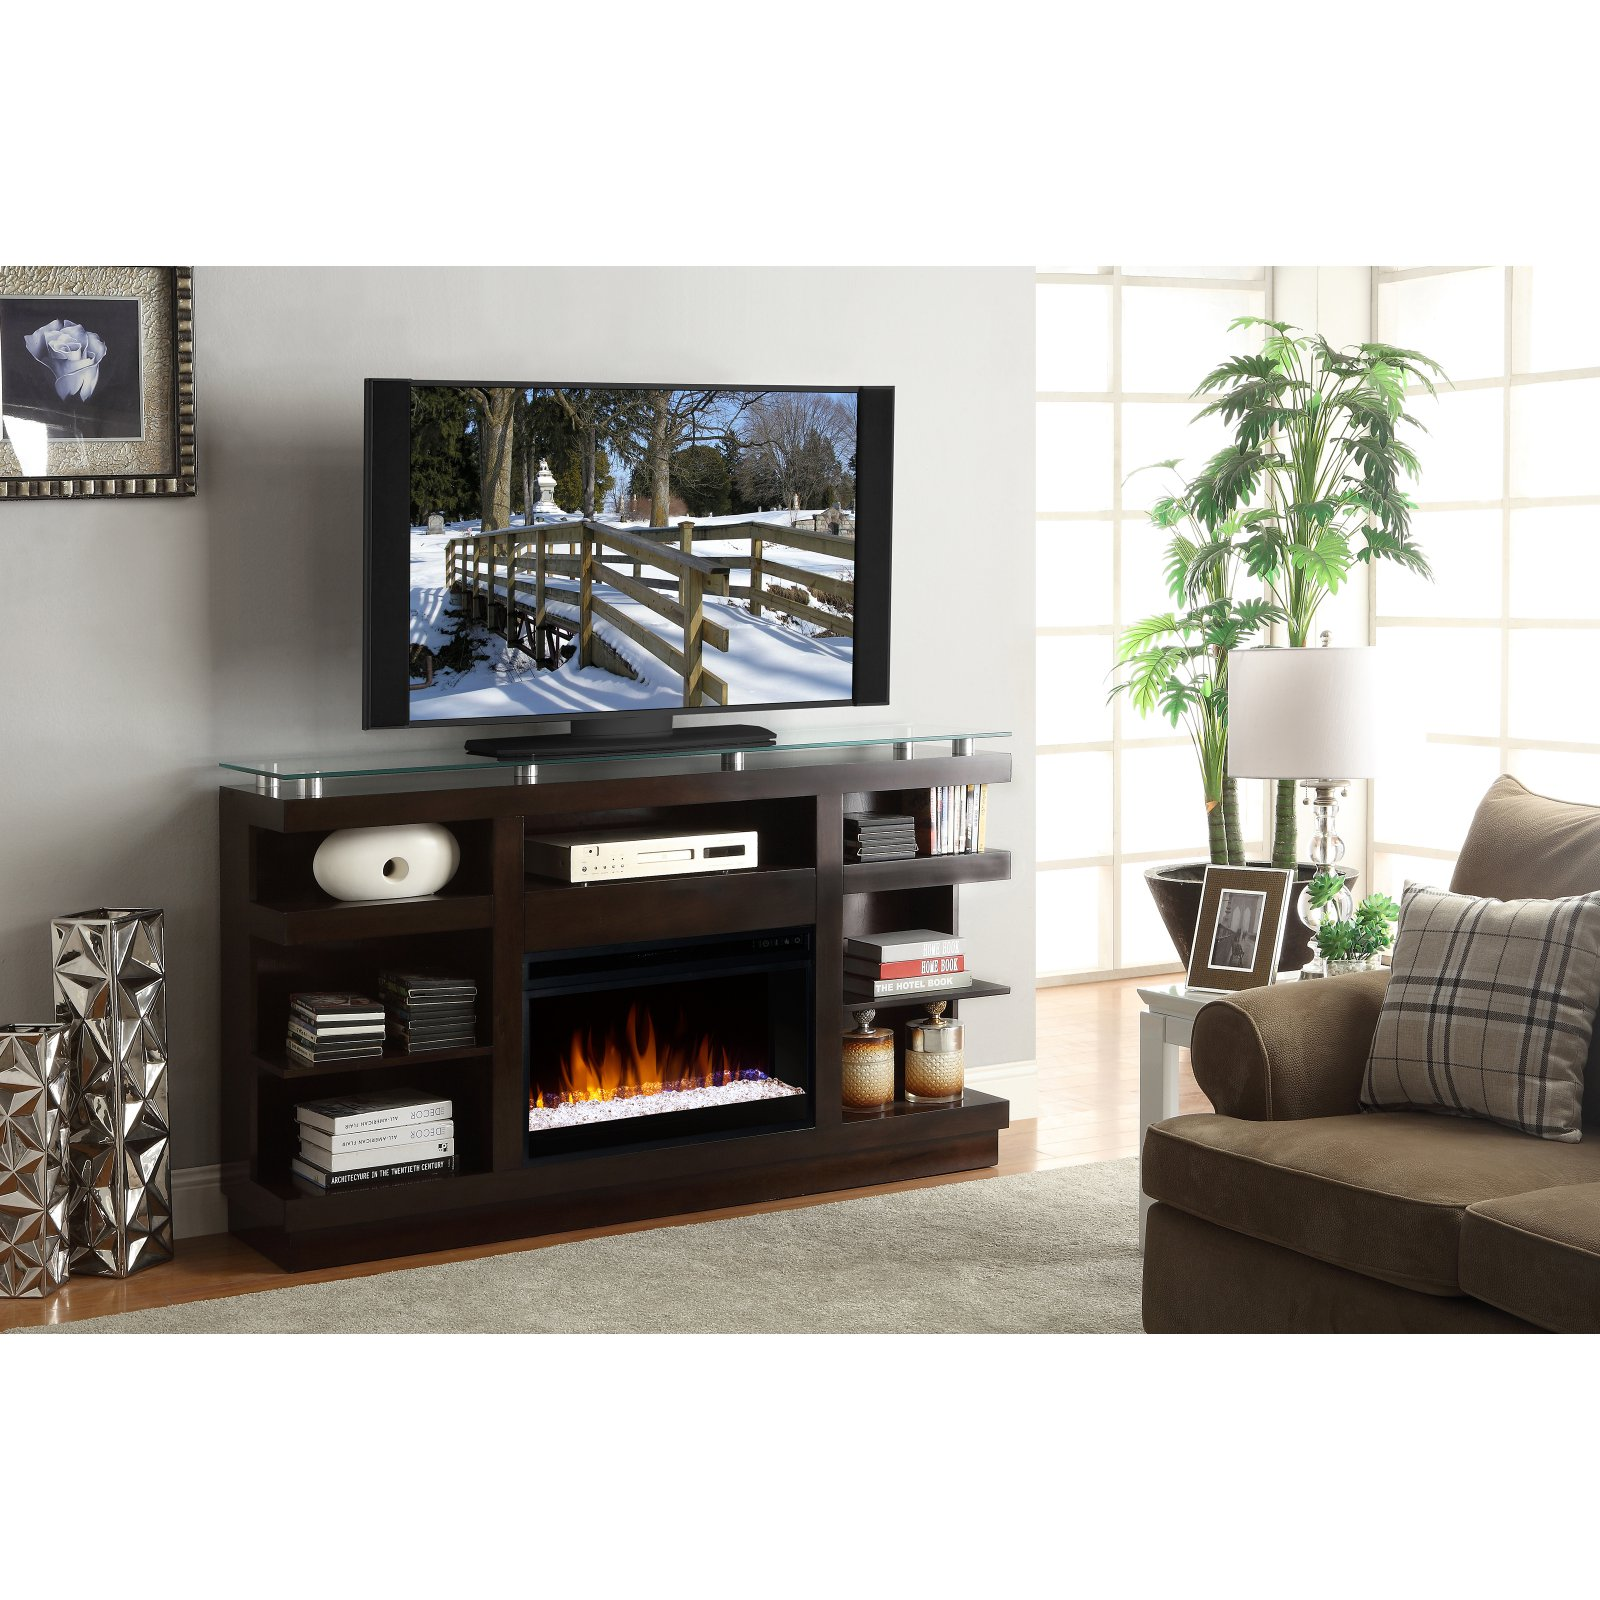 Legends Furniture Novella 65 in. Electric Media Fireplace